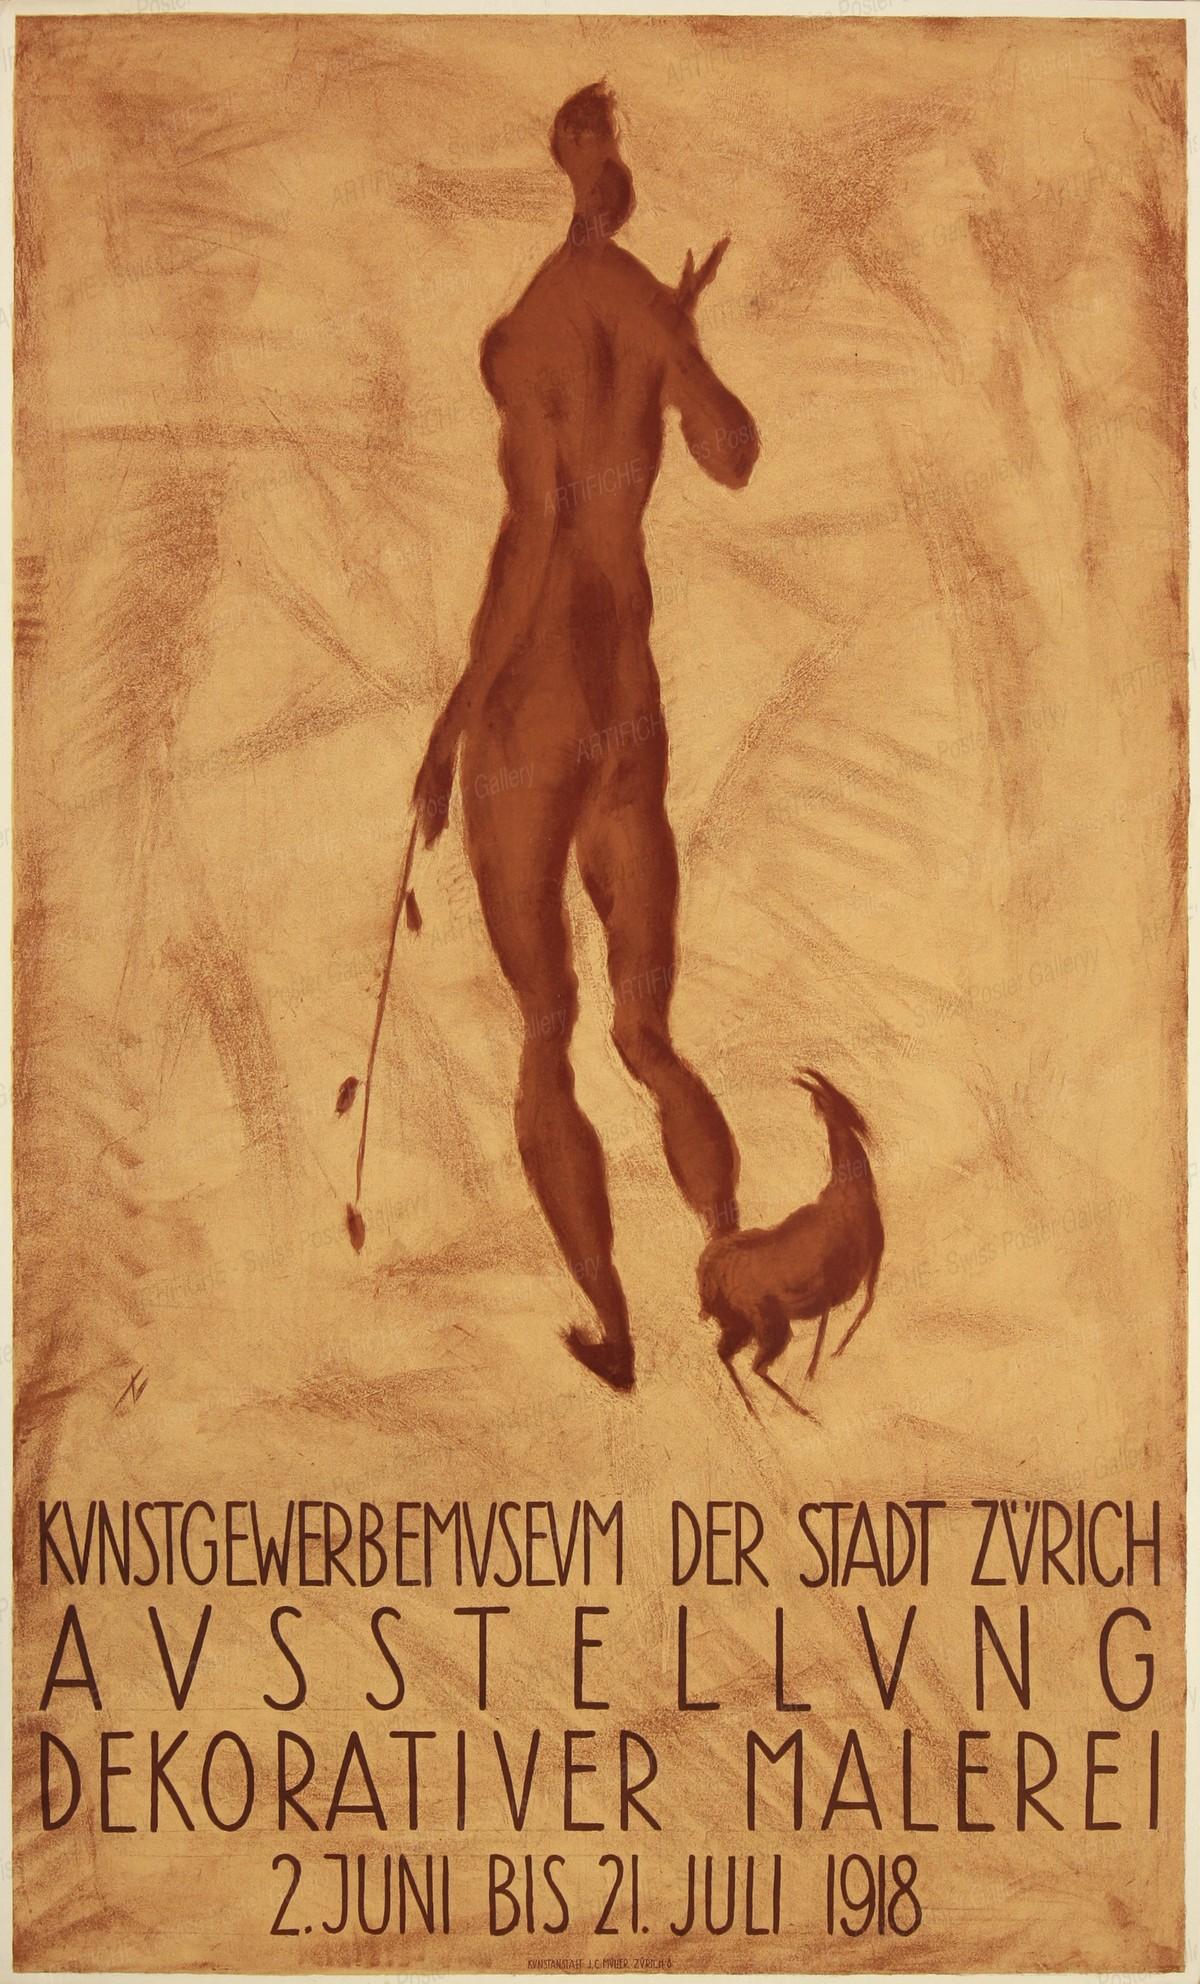 Kunstgewerbemuseum der Stadt Zürich -Ausstellung dekorativer Malerei, Otto Morach